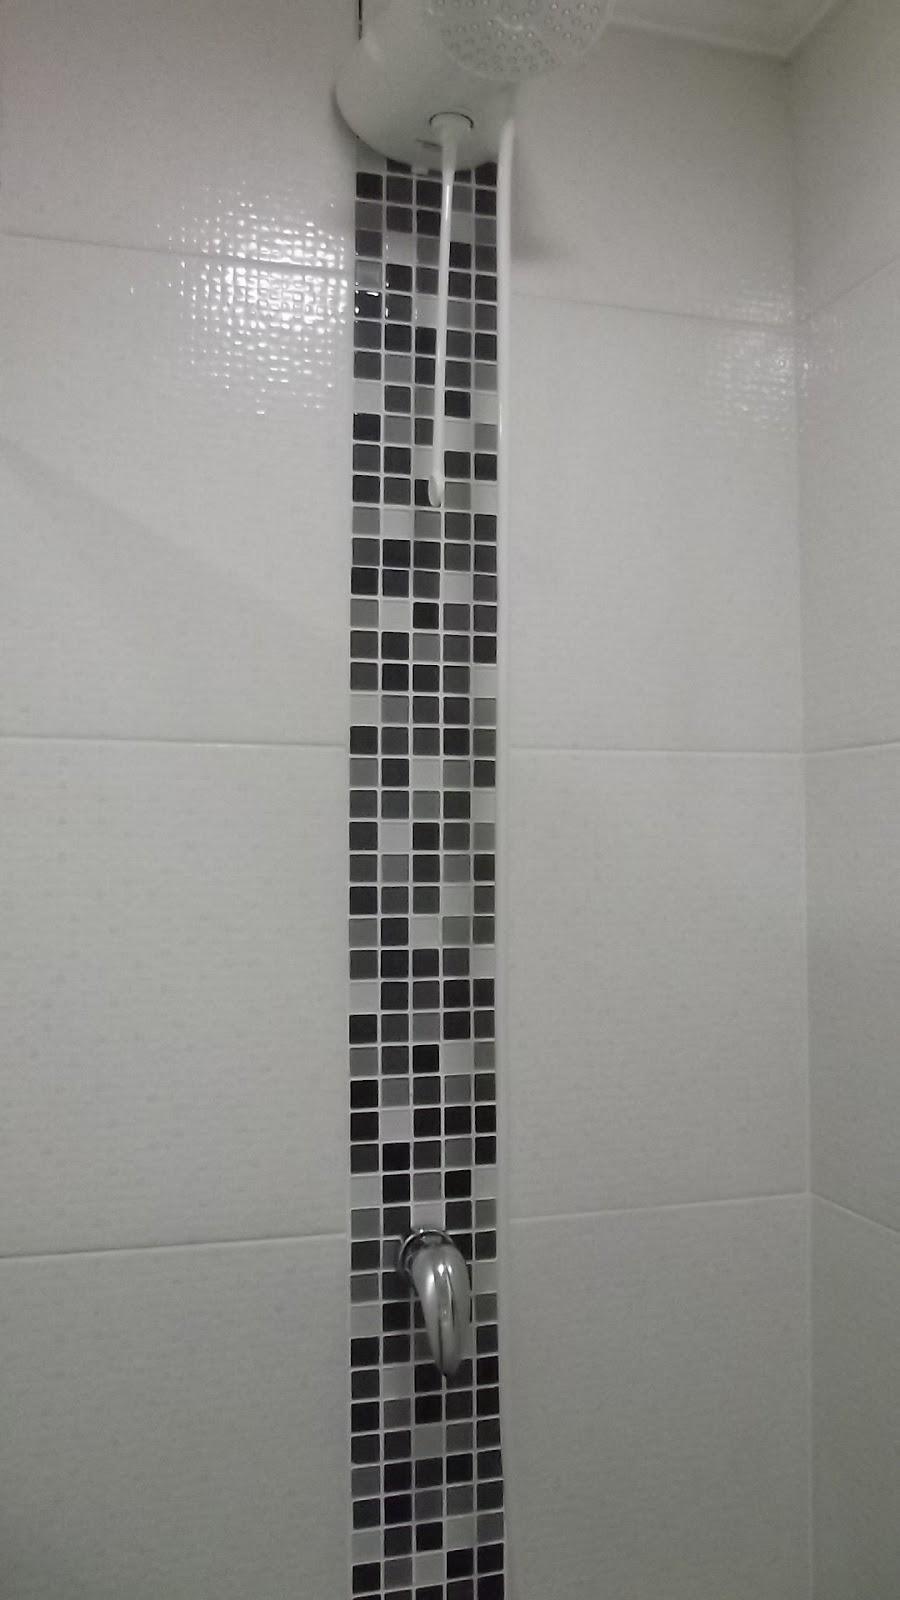 Mais um antes e depois banheiro  se fosse na minha casa -> Banheiro Com Faixa De Pastilha Atras Do Vaso